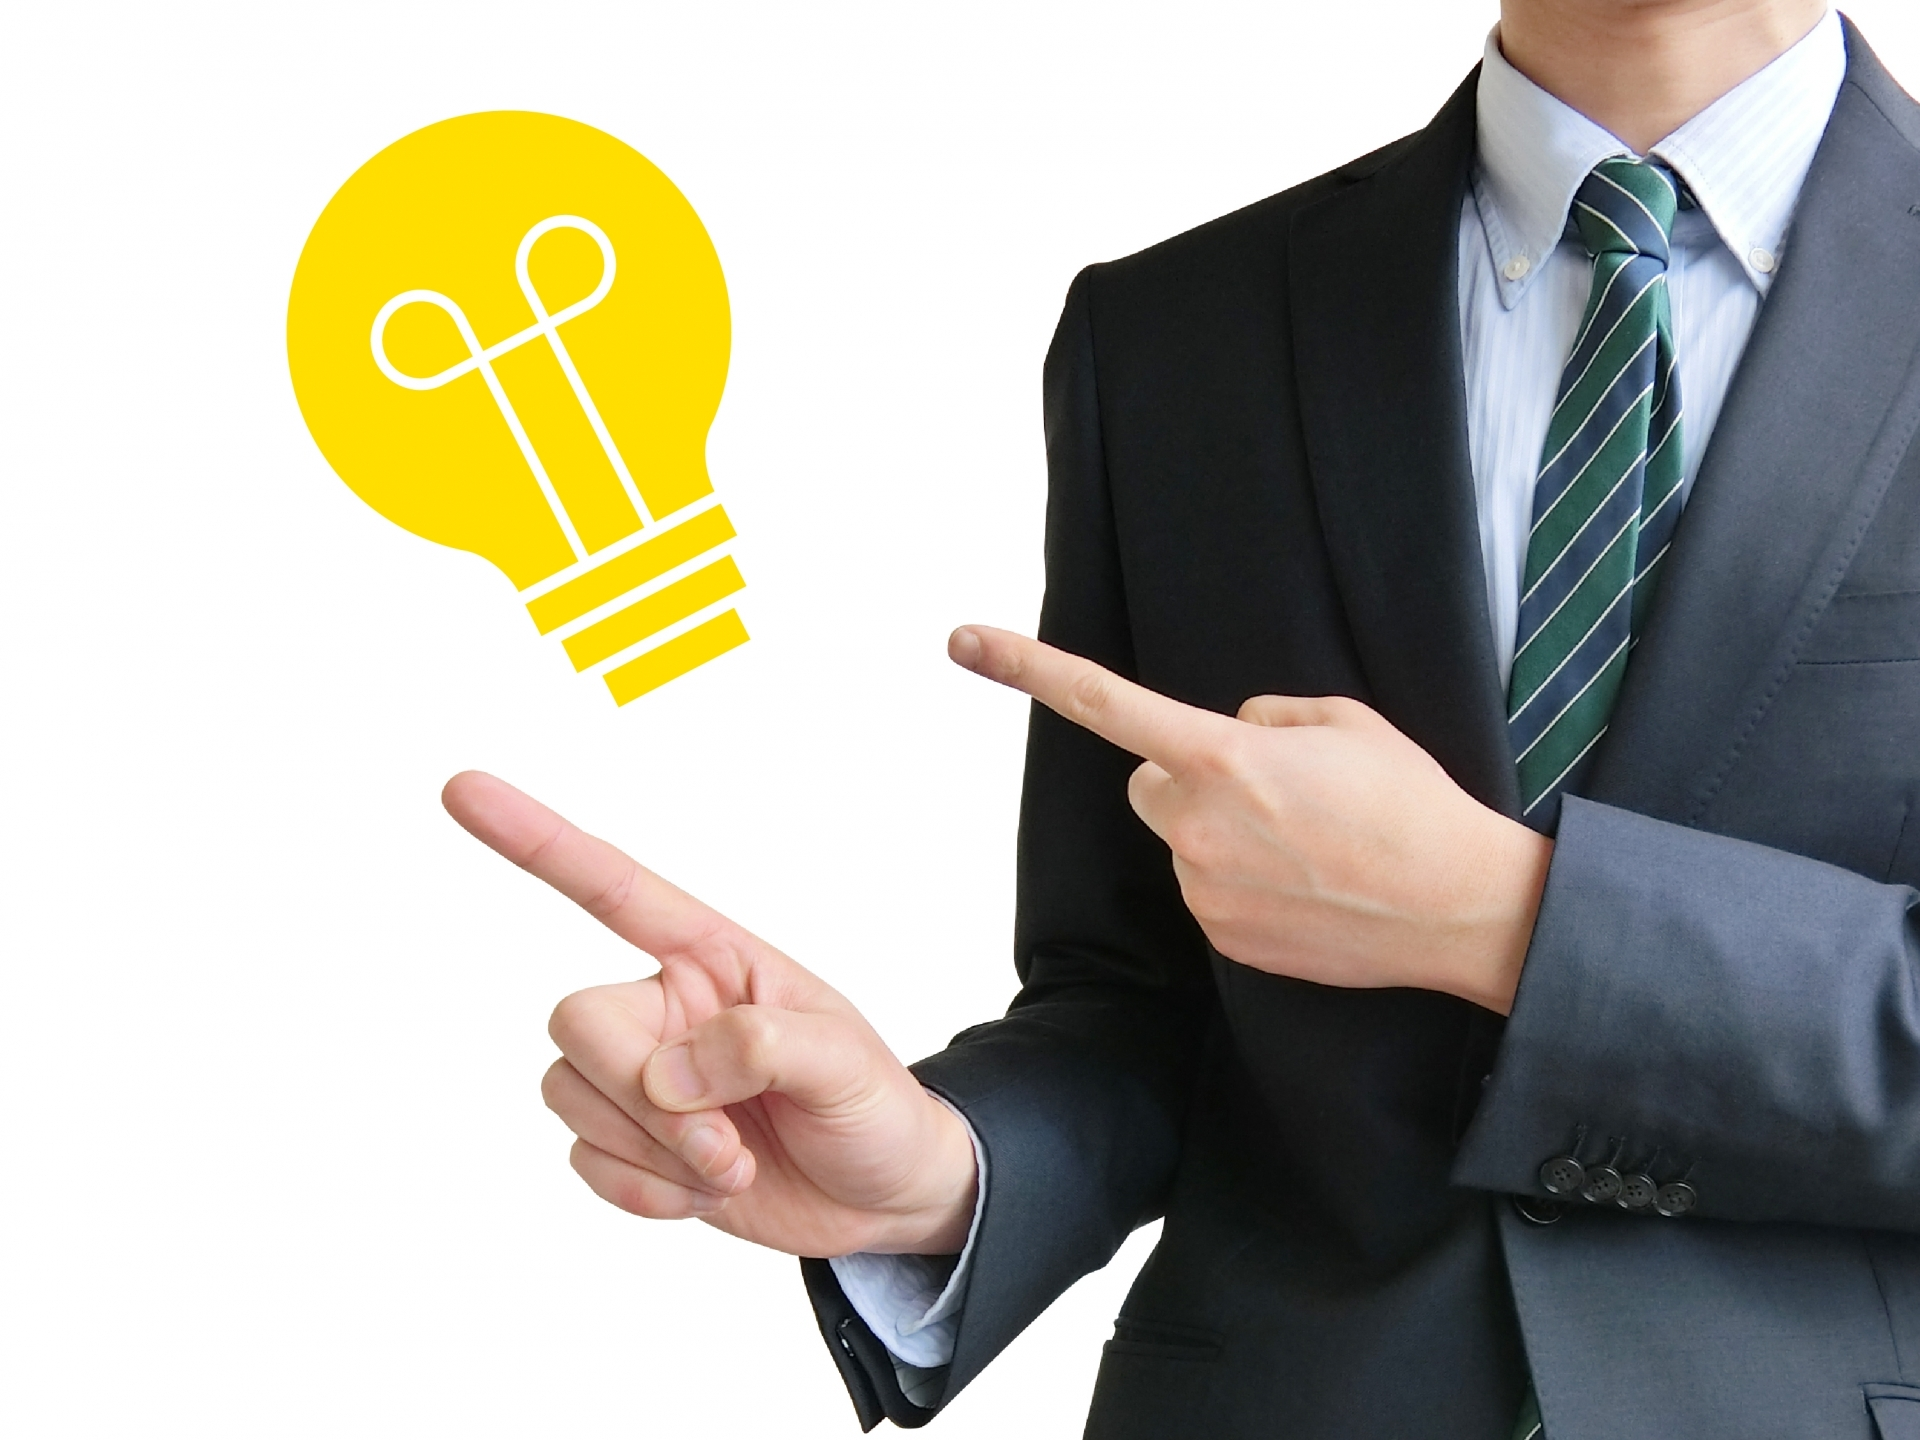 労務管理ソフトによる効率化が可能な業務とは